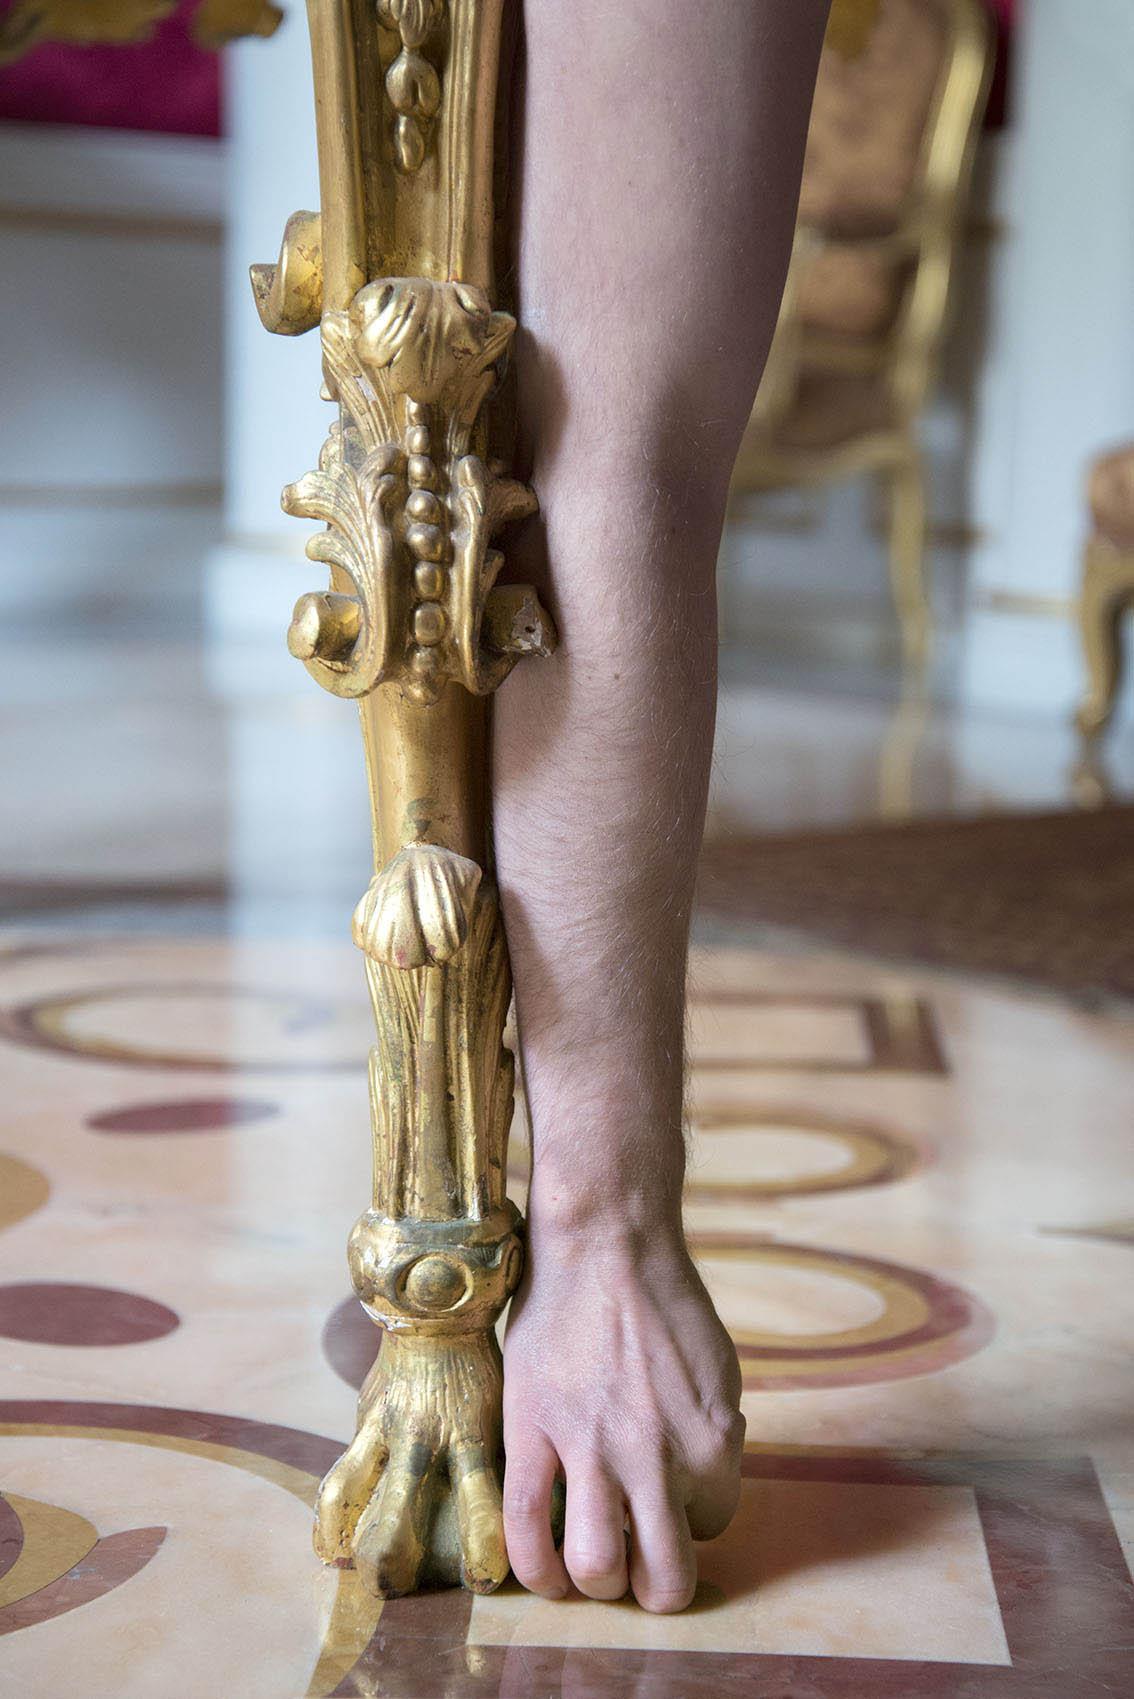 Table de milieu en bois sculpté redoré mat et brillant bruni, Italie, style XVIIIe du XIXe, Julien. Palais Princier de Monaco. 2018